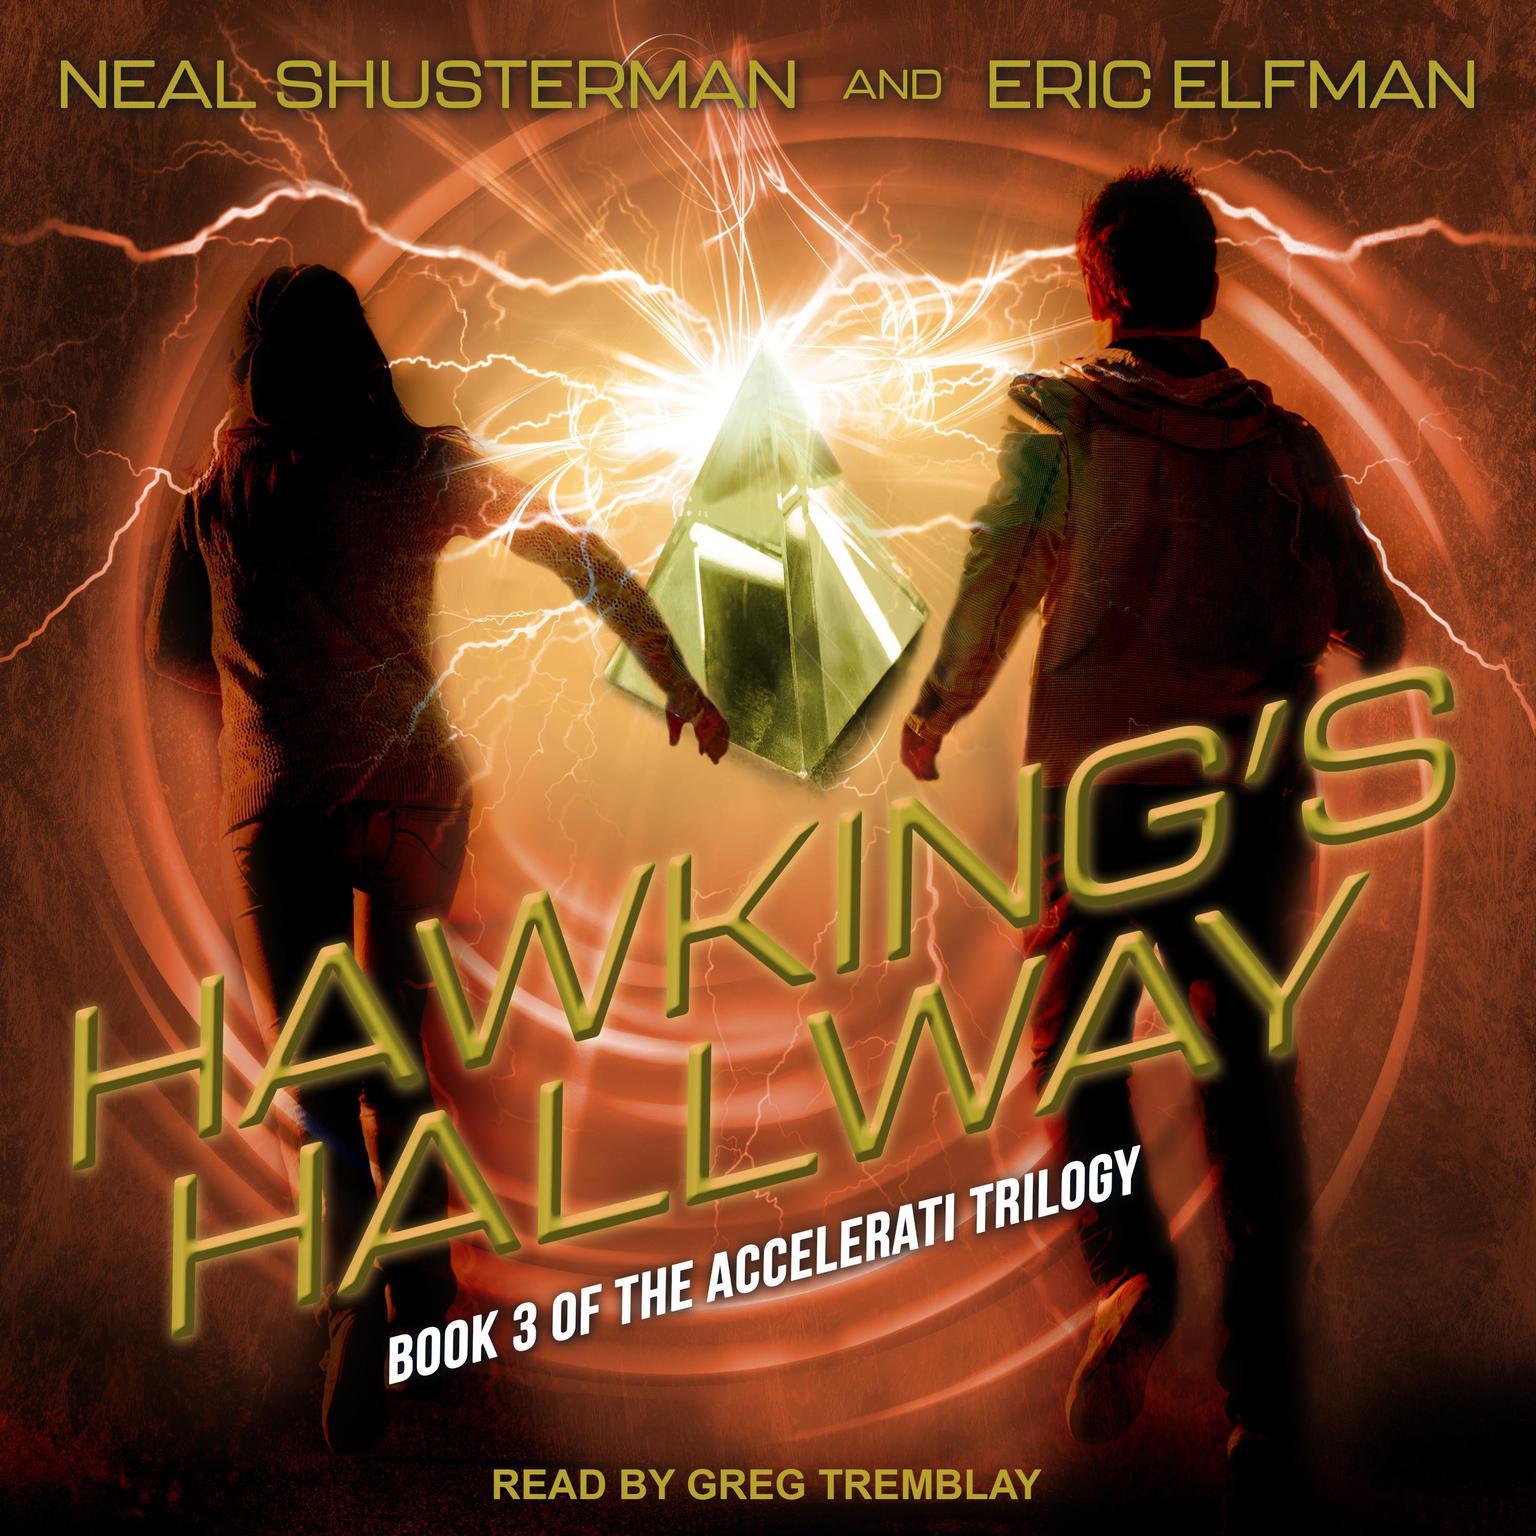 Hawkings Hallway Audiobook, by Neal Shusterman